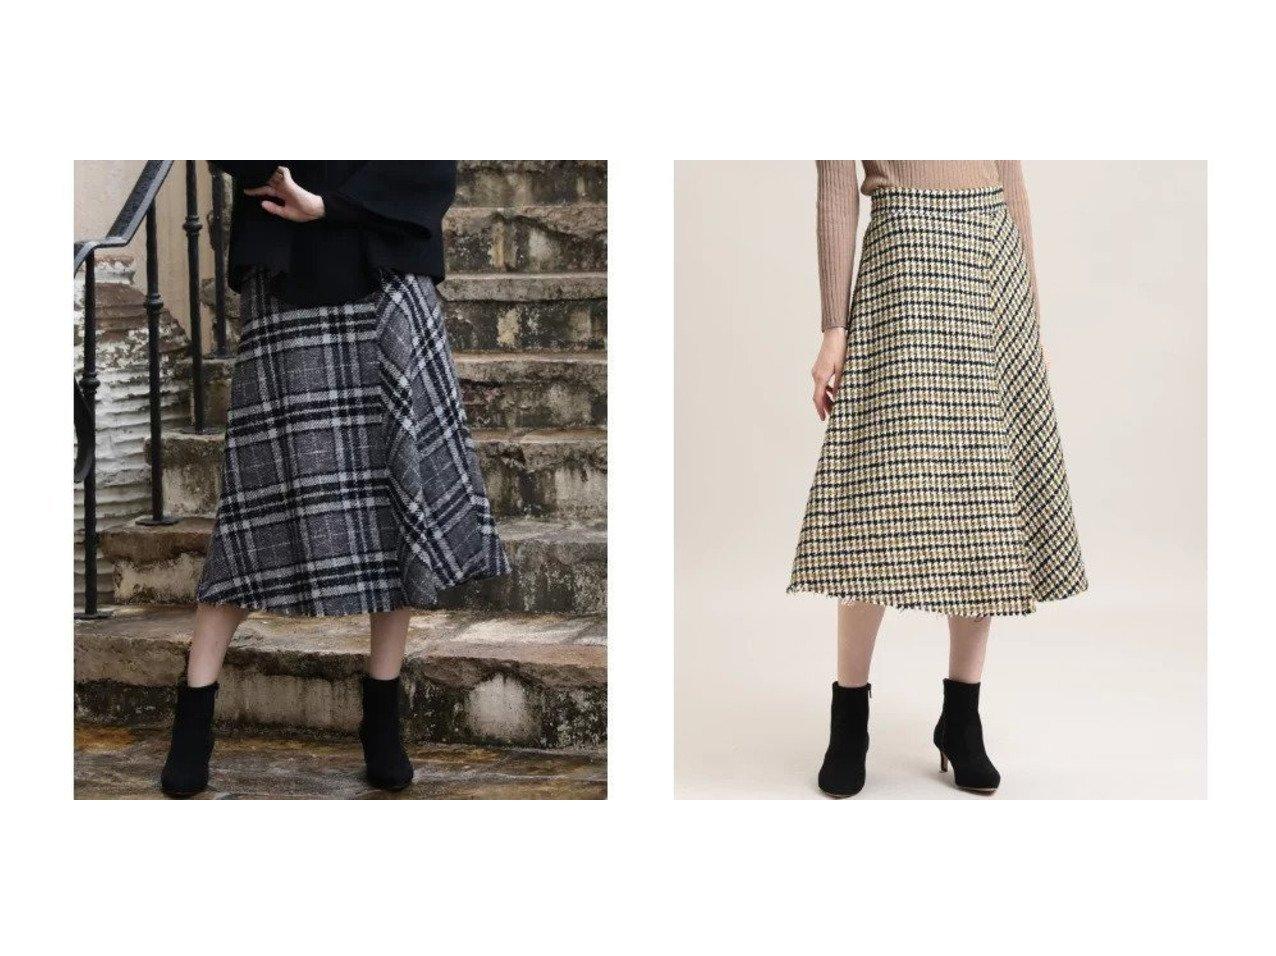 【ef-de/エフデ】の《Maglie par ef-de》ブークレツイードラップスカート スカートのおすすめ!人気、レディースファッションの通販 おすすめで人気のファッション通販商品 インテリア・家具・キッズファッション・メンズファッション・レディースファッション・服の通販 founy(ファニー) https://founy.com/ ファッション Fashion レディース WOMEN スカート Skirt クラシカル ショート チェック ツイード トレンド フレア ポケット ミックス ミドル ラップ  ID:crp329100000002698